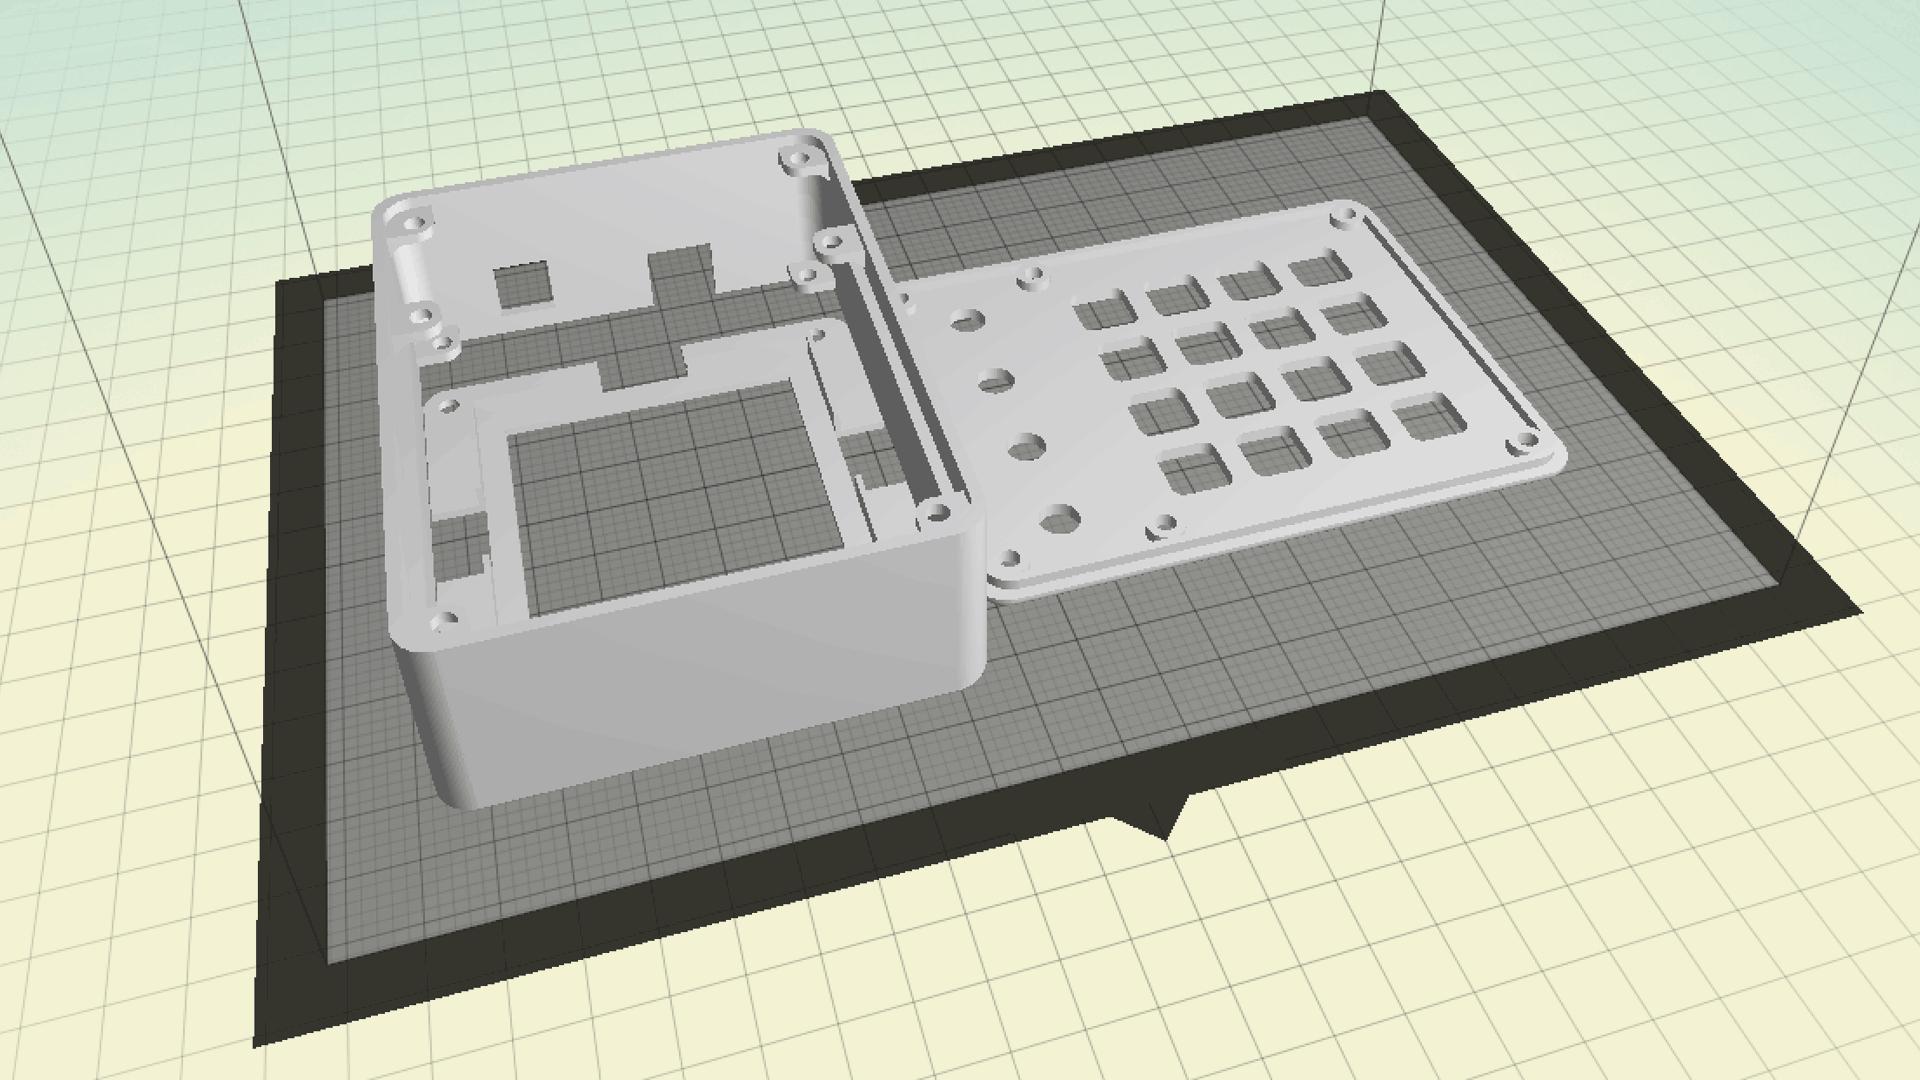 3d_printing_slicer.png